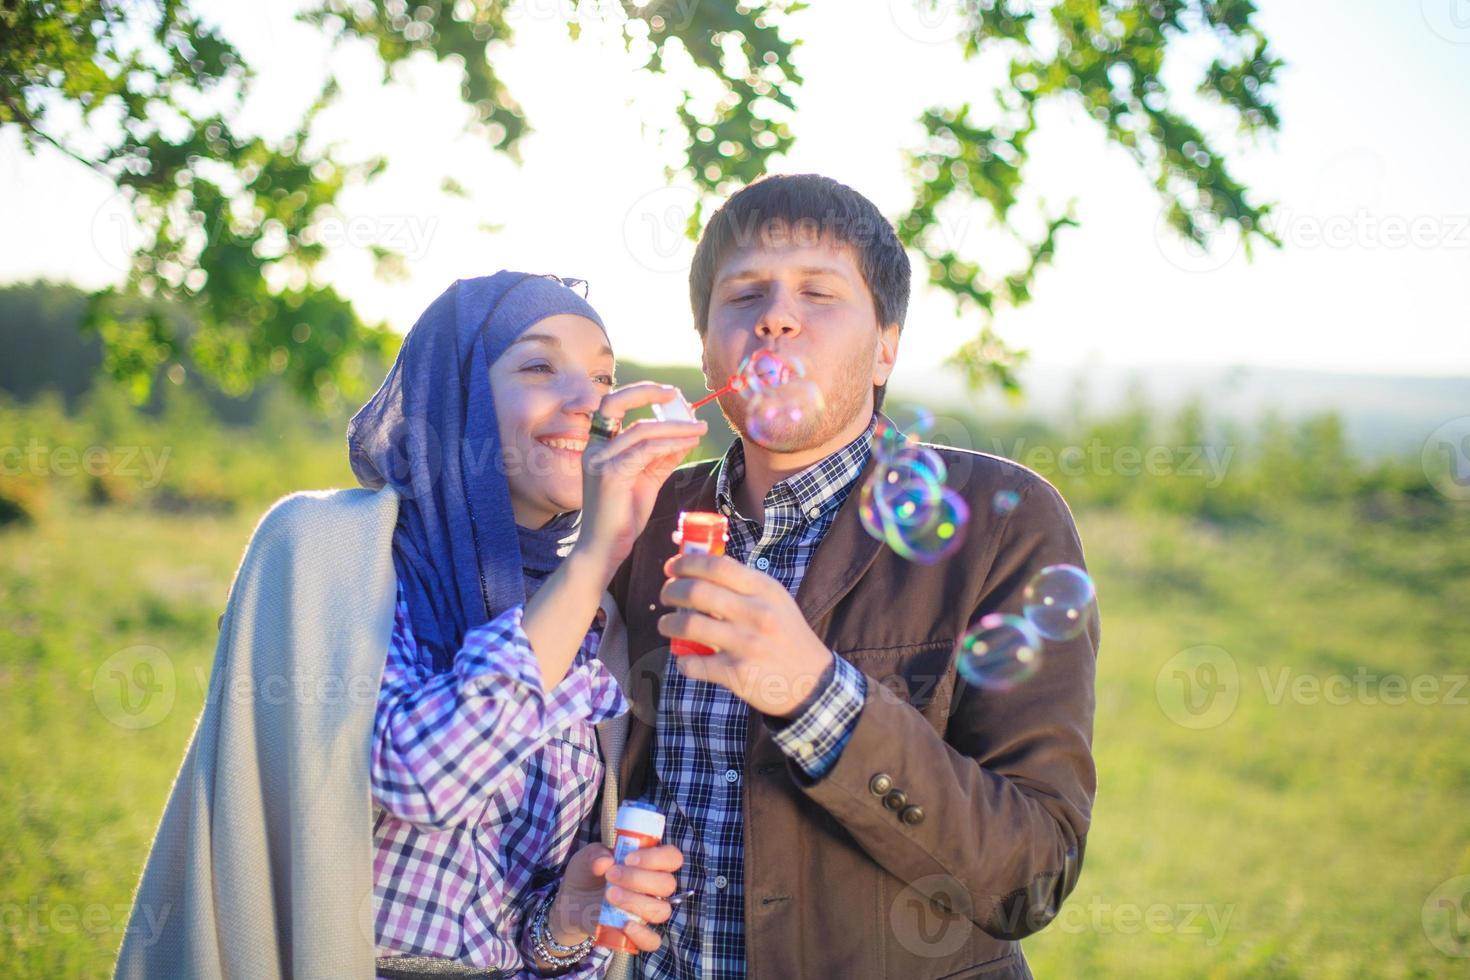 pareja disfrutando el día foto